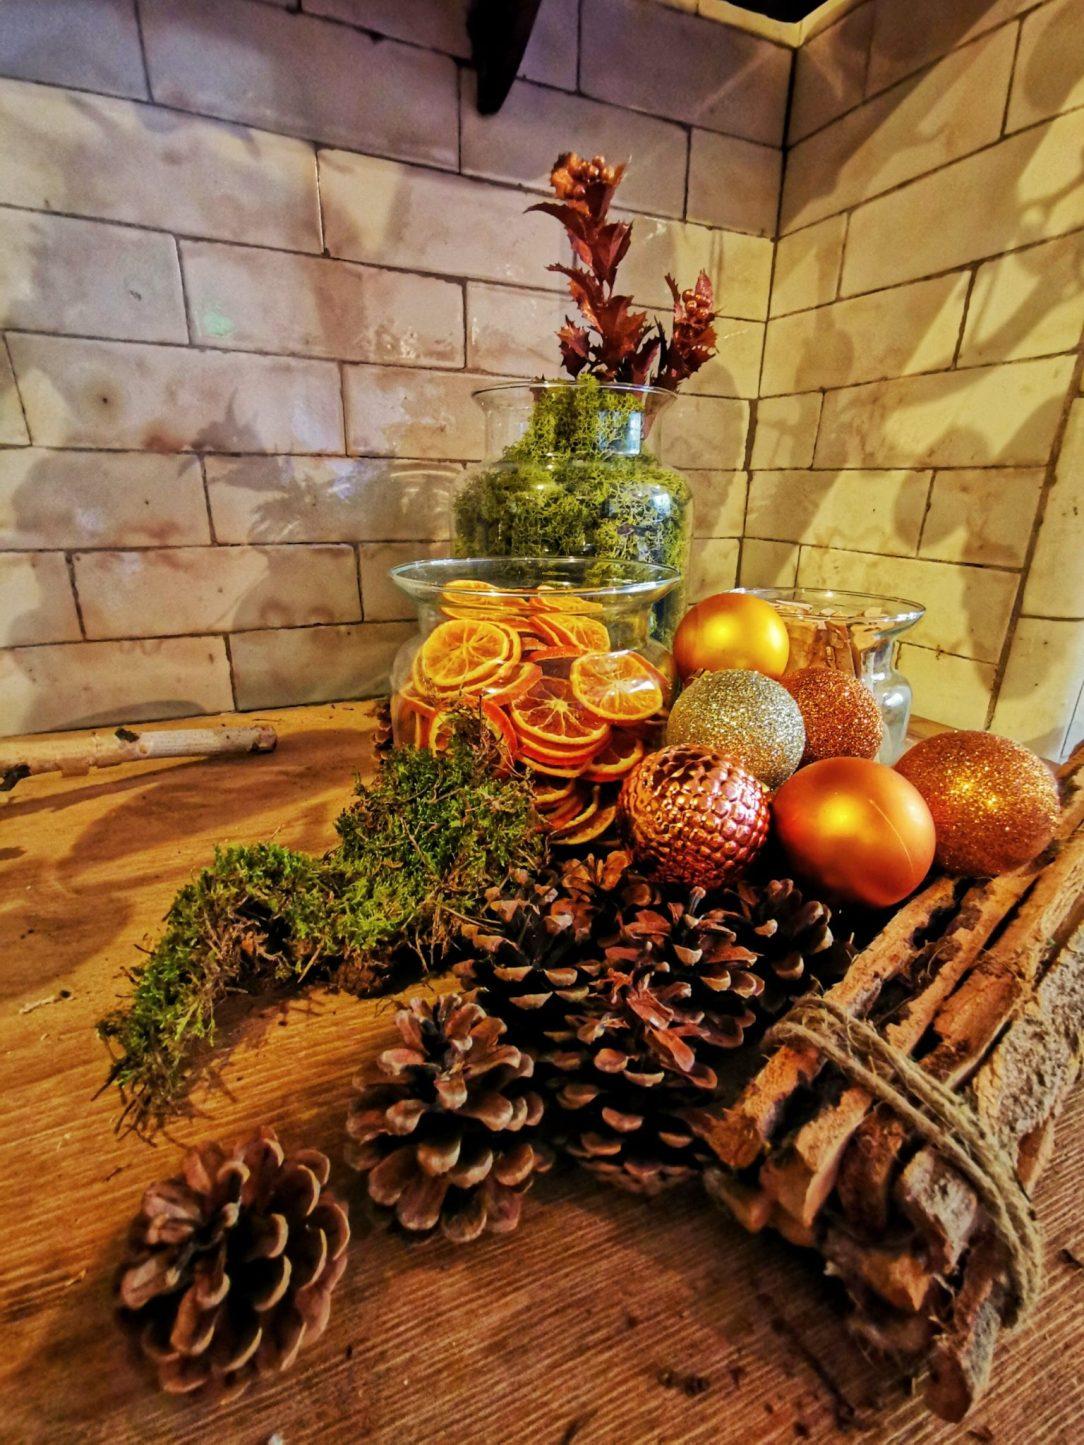 kuchnia pachnąca cynamonem i przyprawami w Tatton Park na święta